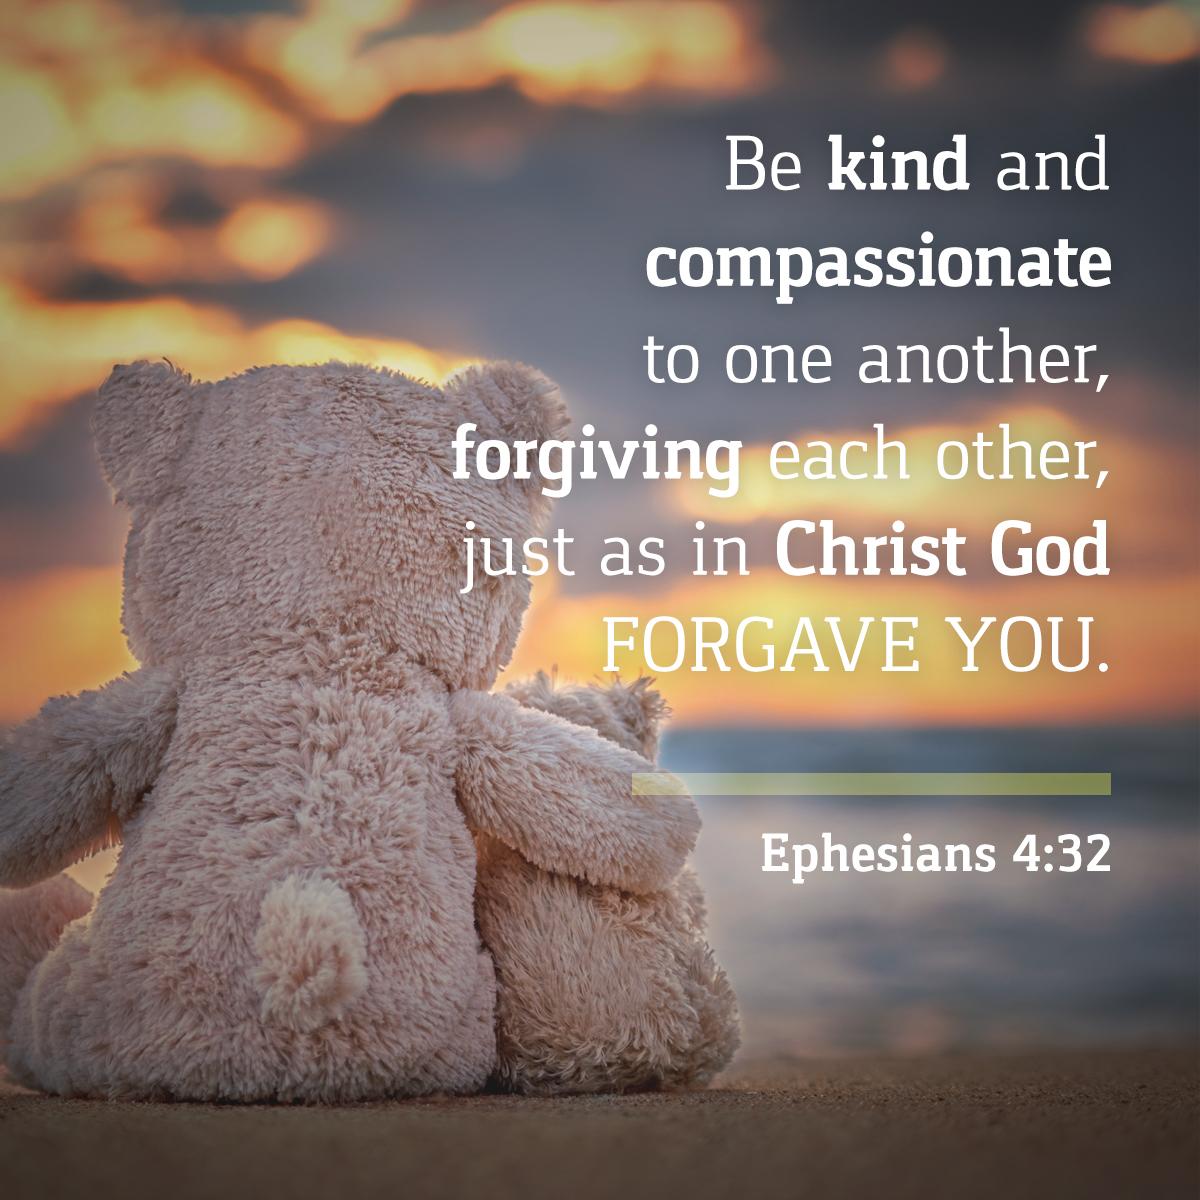 Ephesians 4:32 | KCIS 630